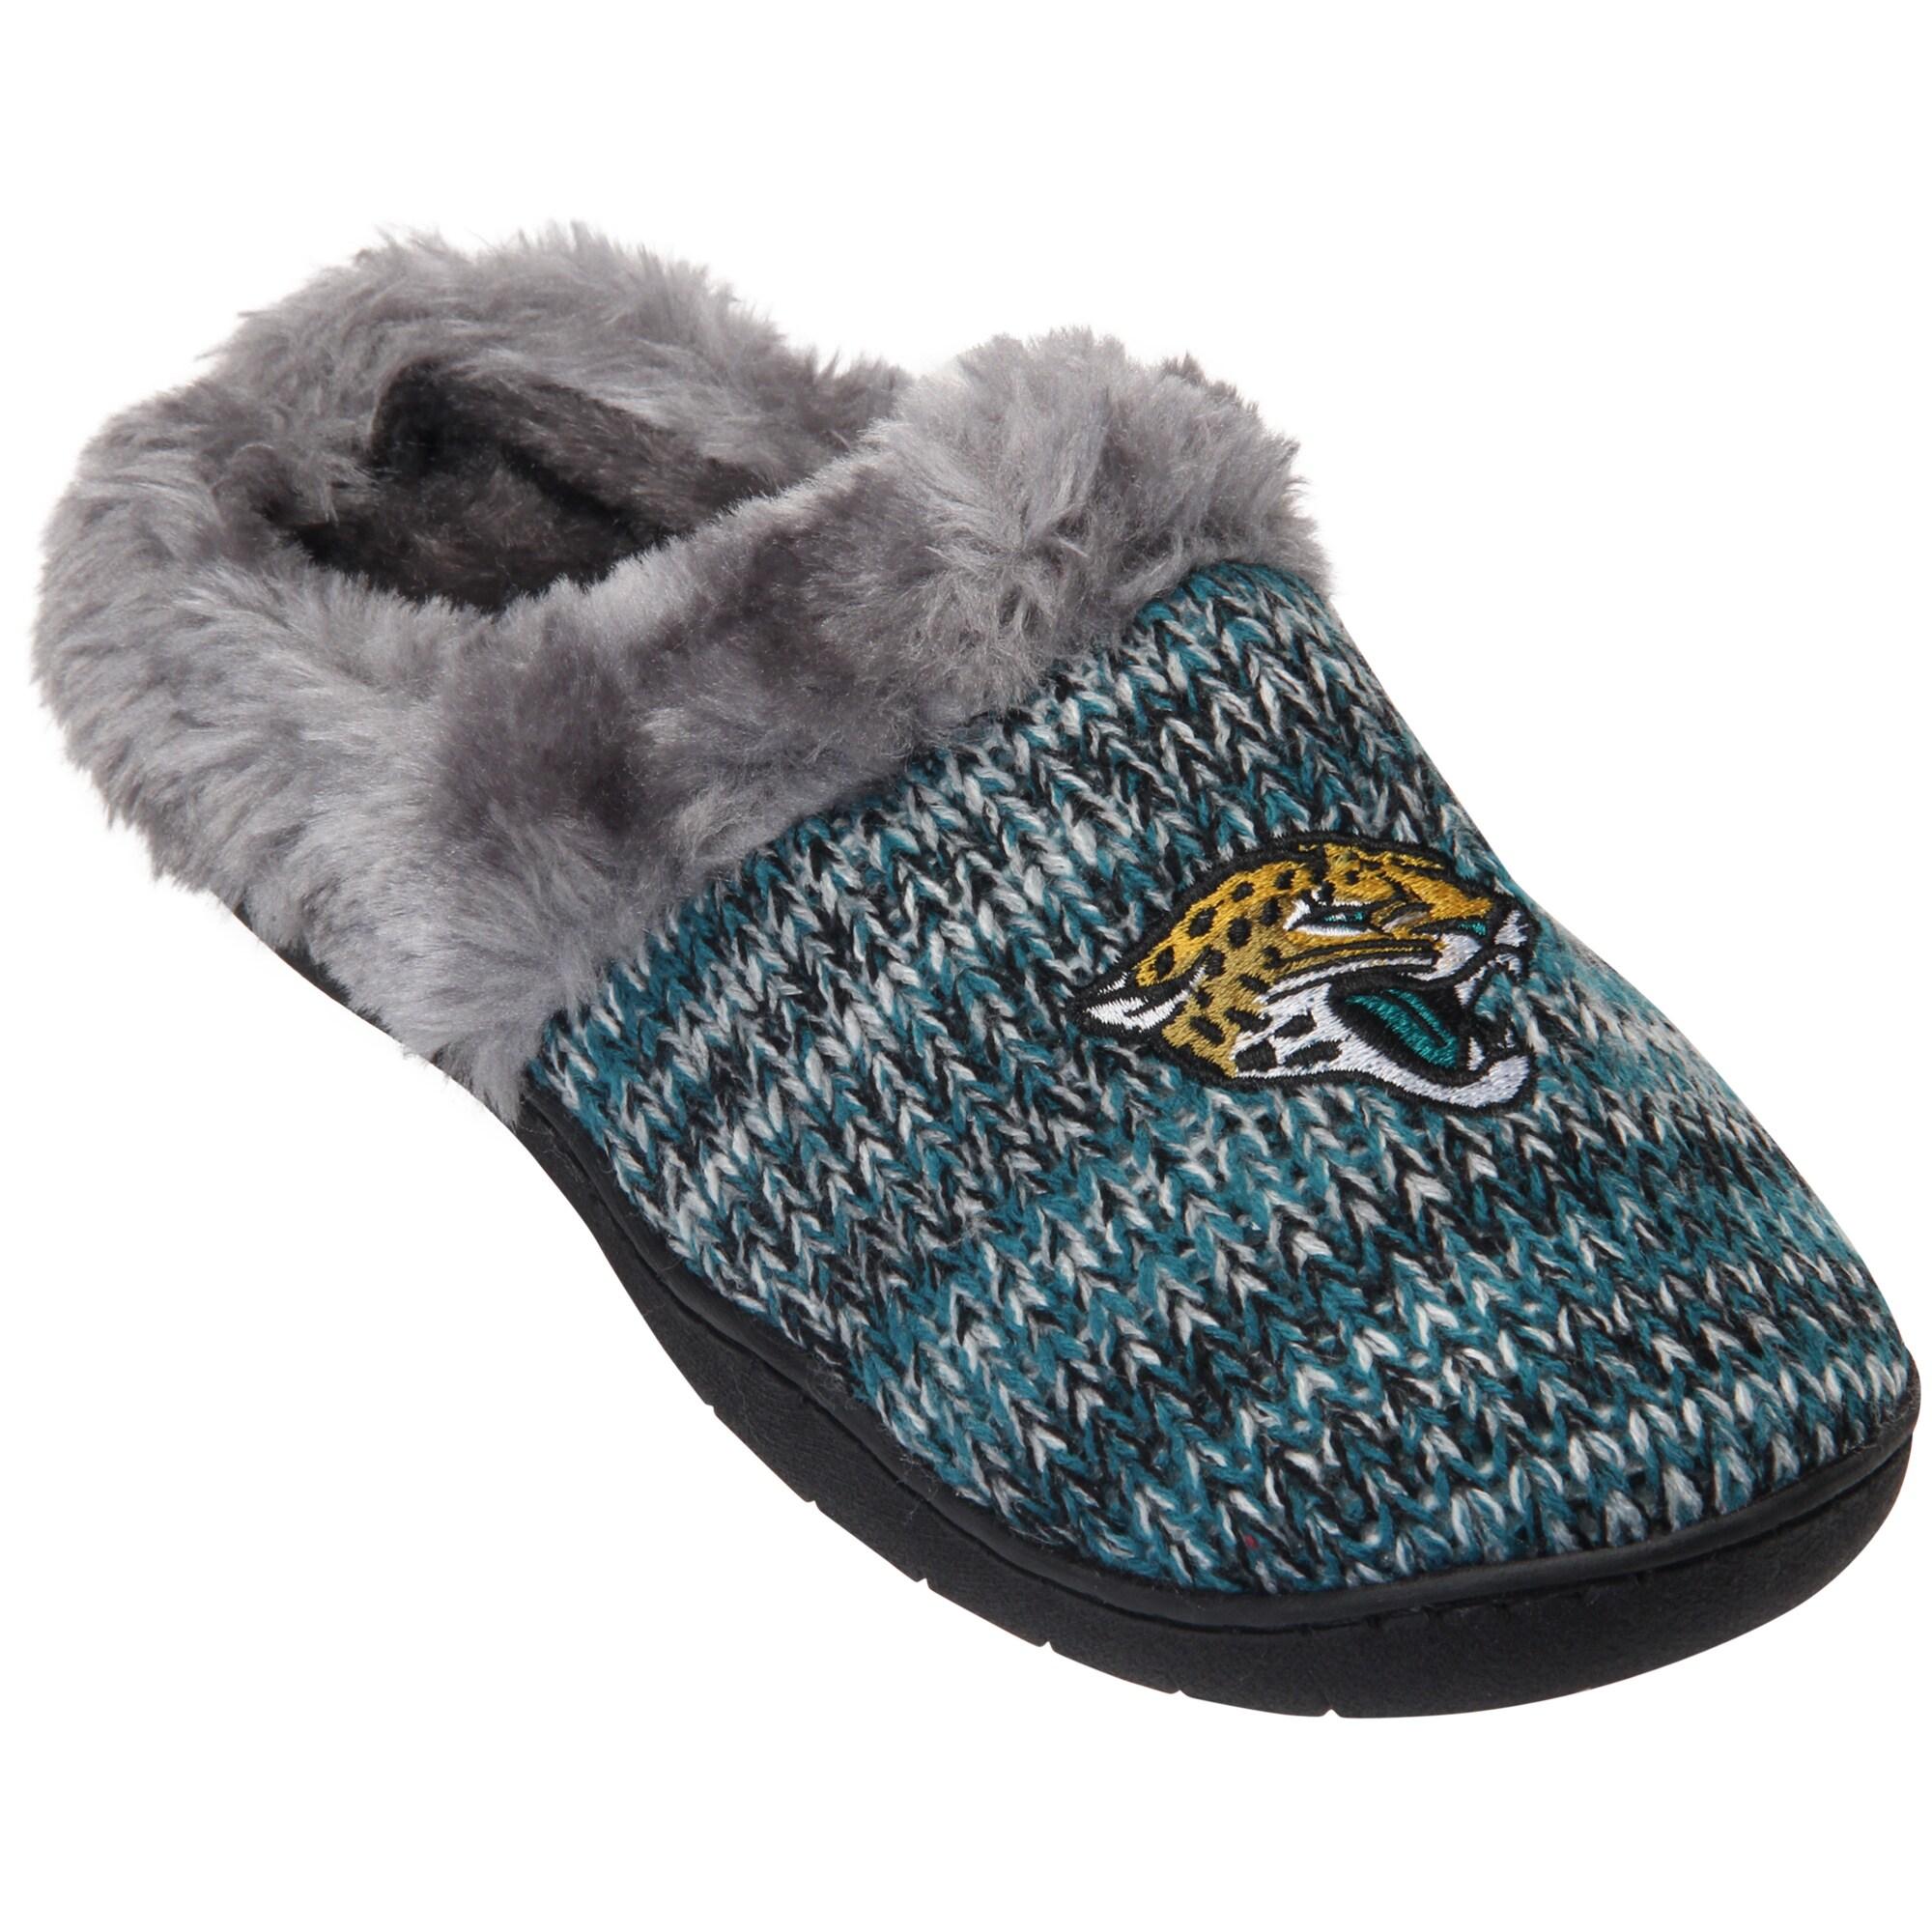 Jacksonville Jaguars Women's Peak Slide Slippers